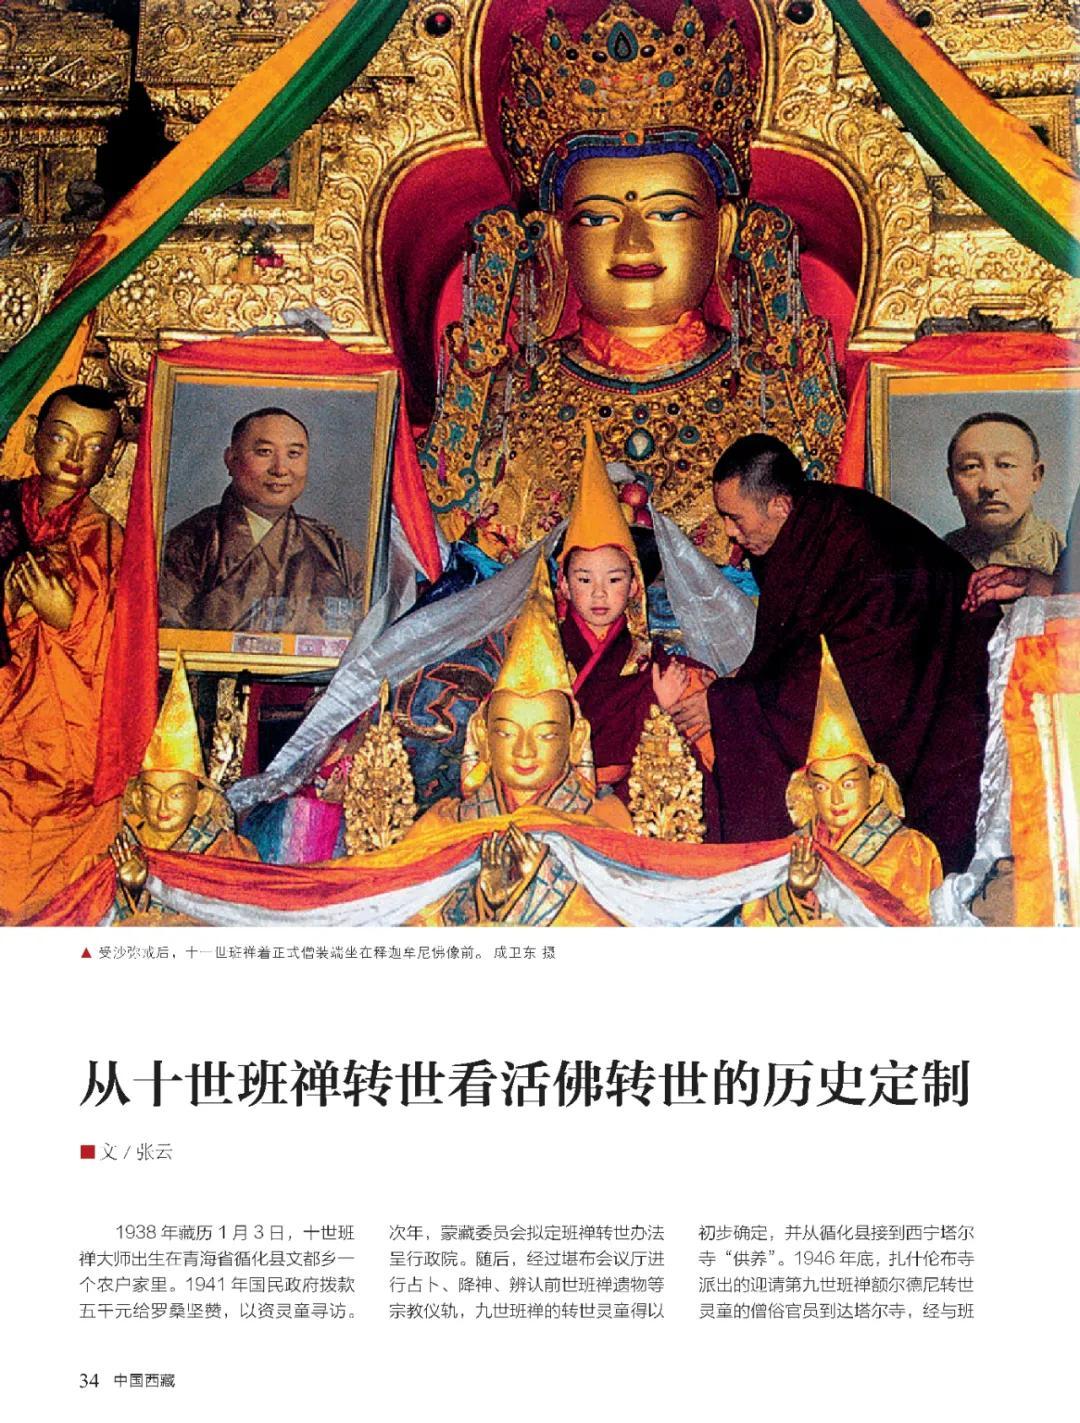 【活佛转世】从十世班禅转世看活佛转世的历史定制安卓版